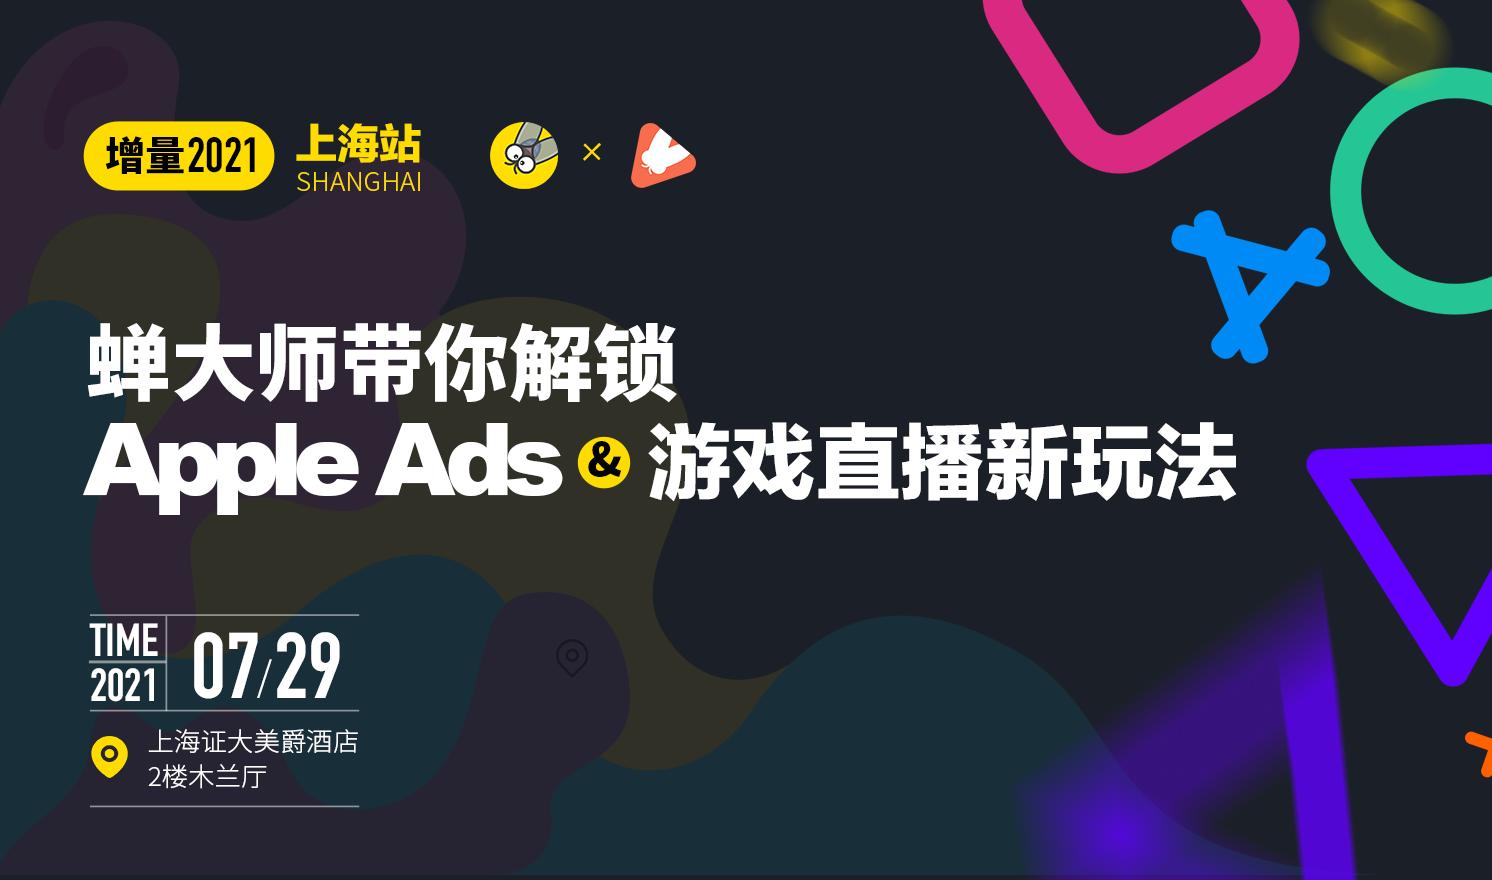 【增量2021·上海站】  蝉大师带你解锁Apple Ads、游戏直播新玩法(2021-07-29)